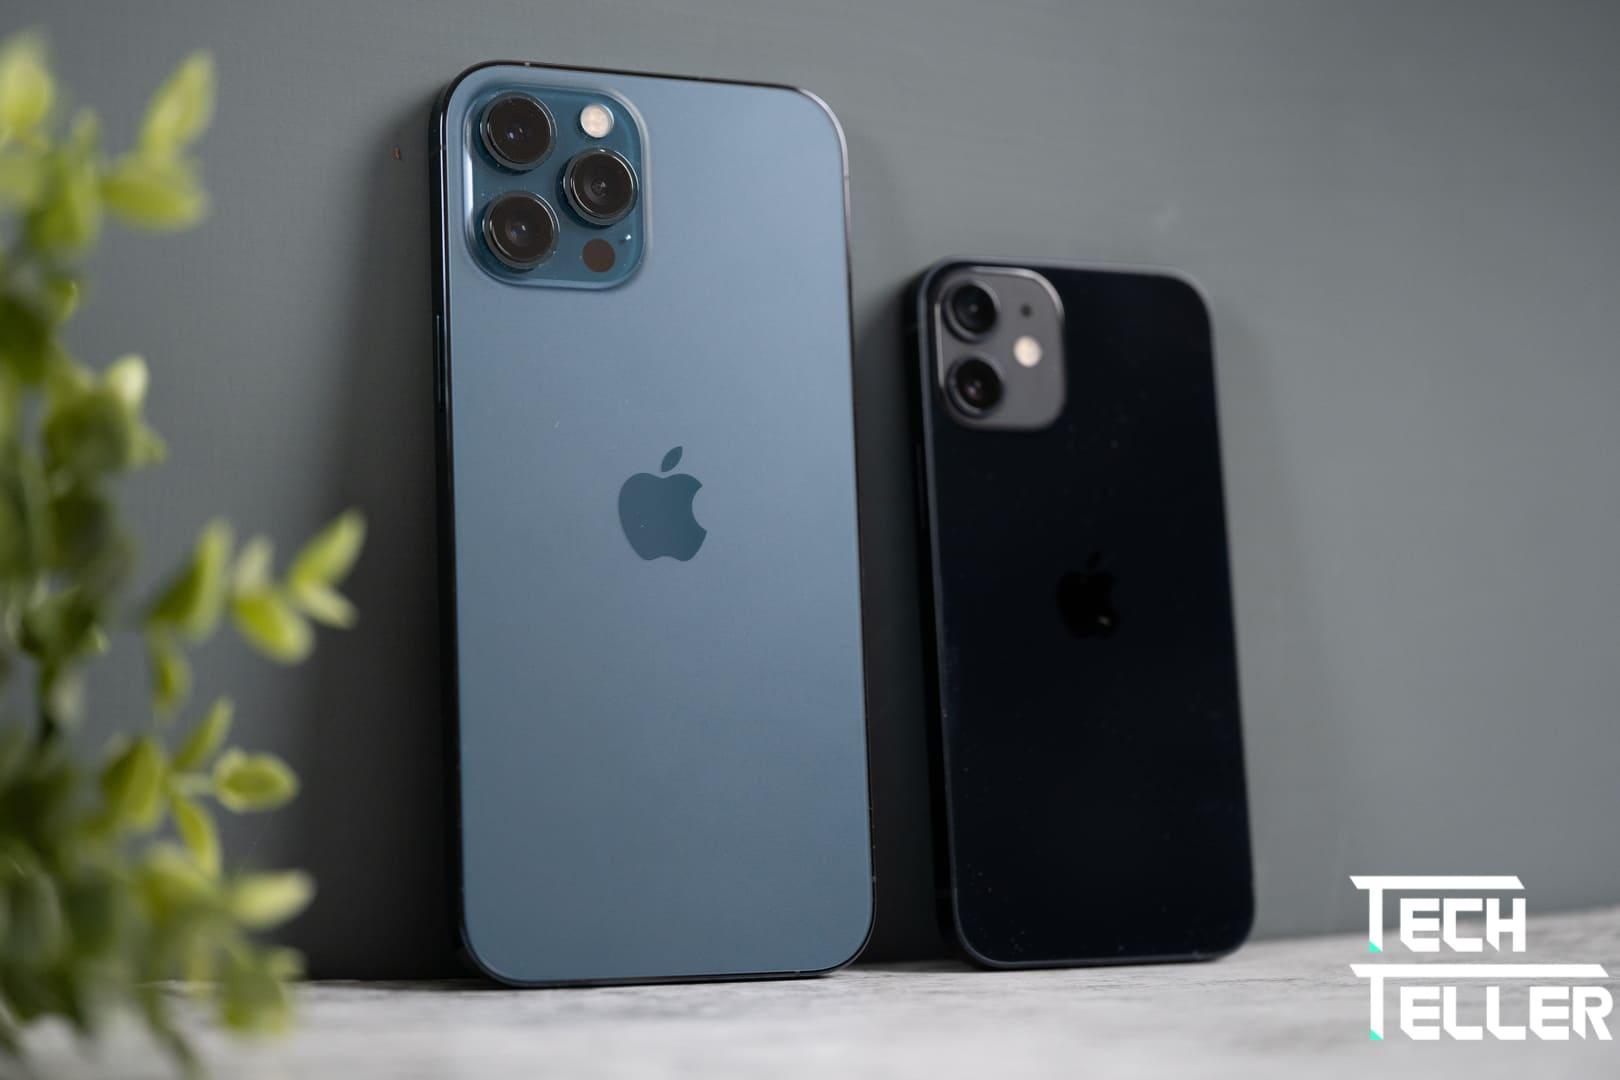 新iPhone選擇障礙?旗艦、CP值大亂鬥  iPhone 12 Pro Max、iPhone 12 mini規格比較與選擇建議